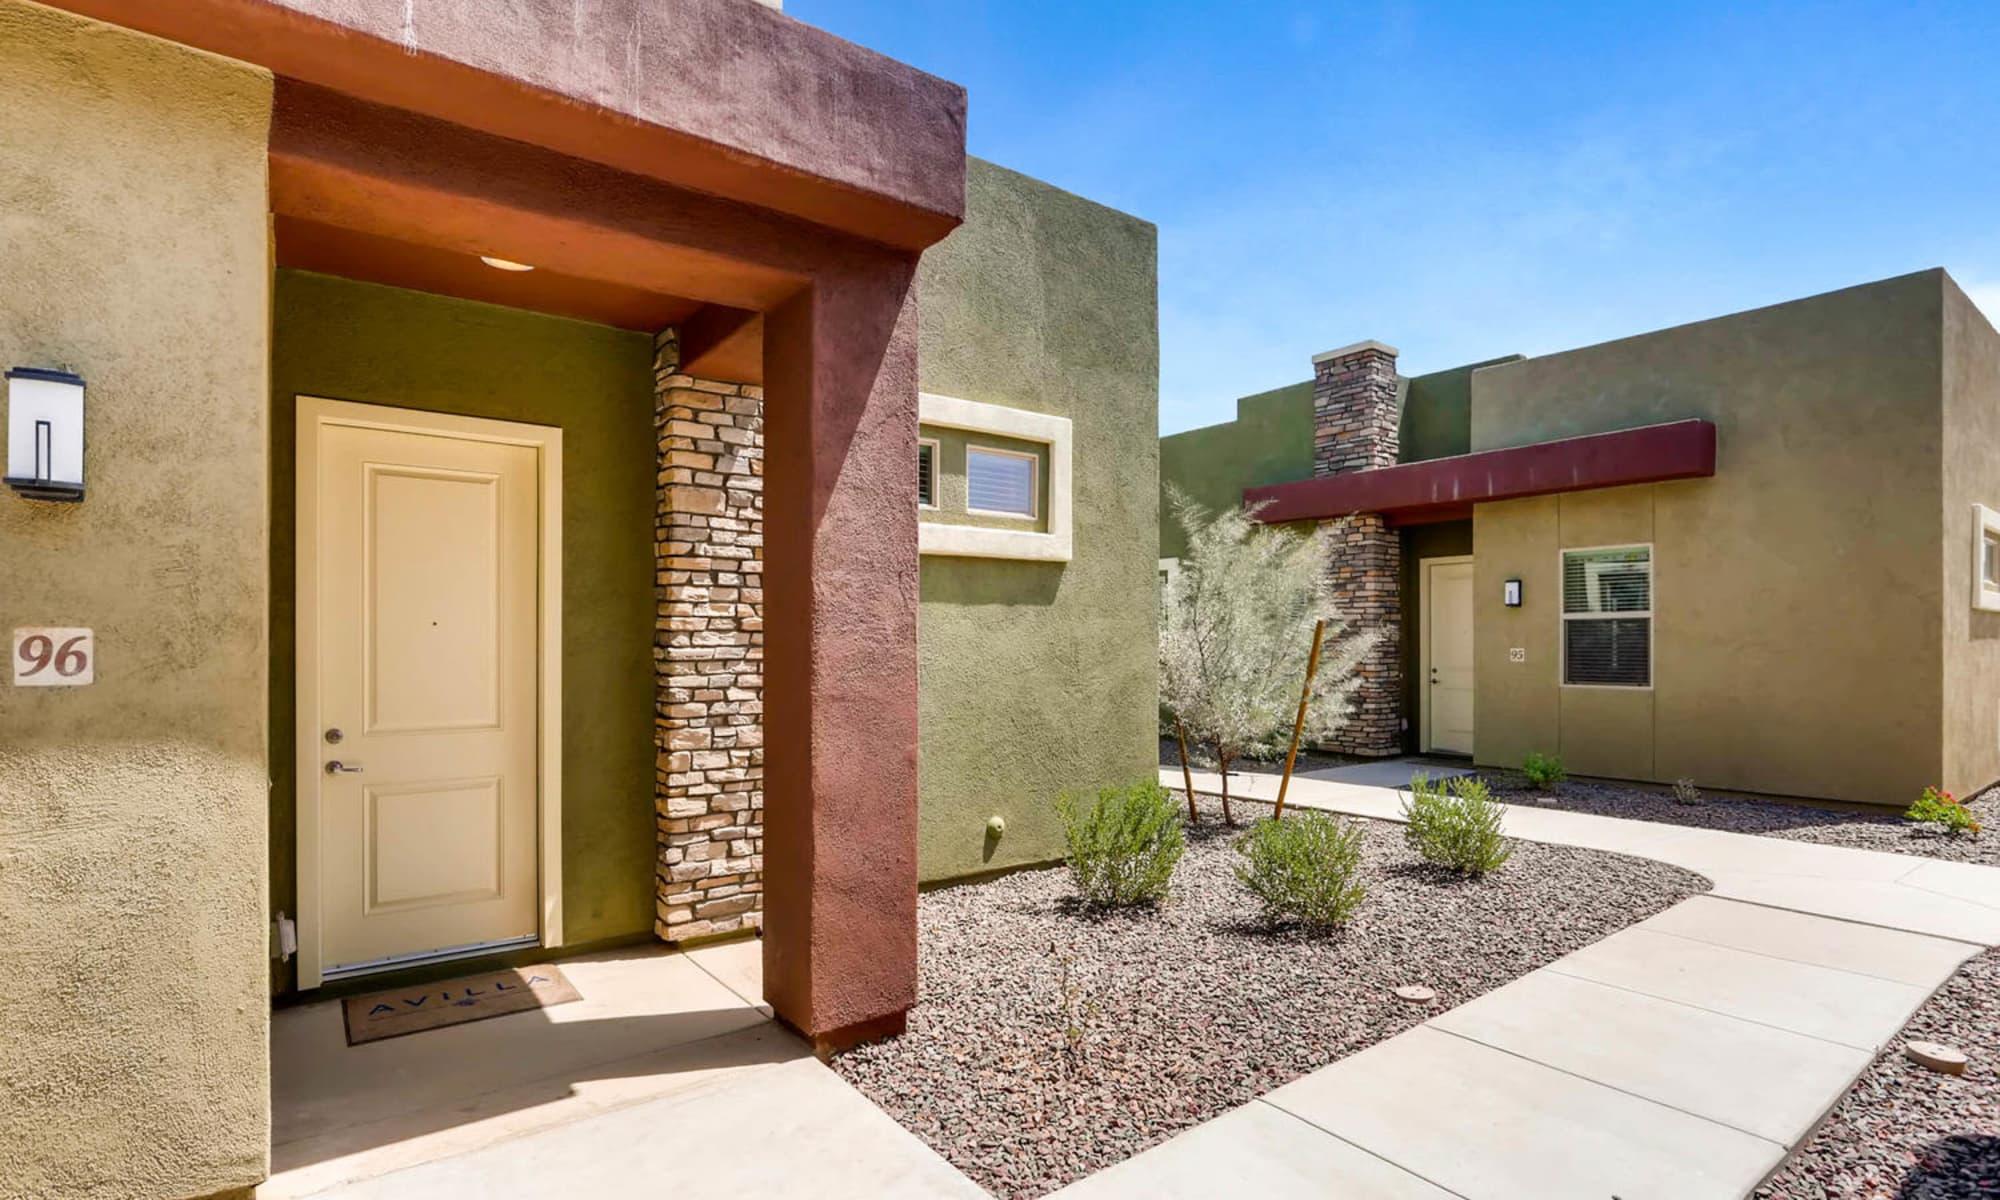 Apartments in Phoenix, Arizona at Avilla Camelback Ranch